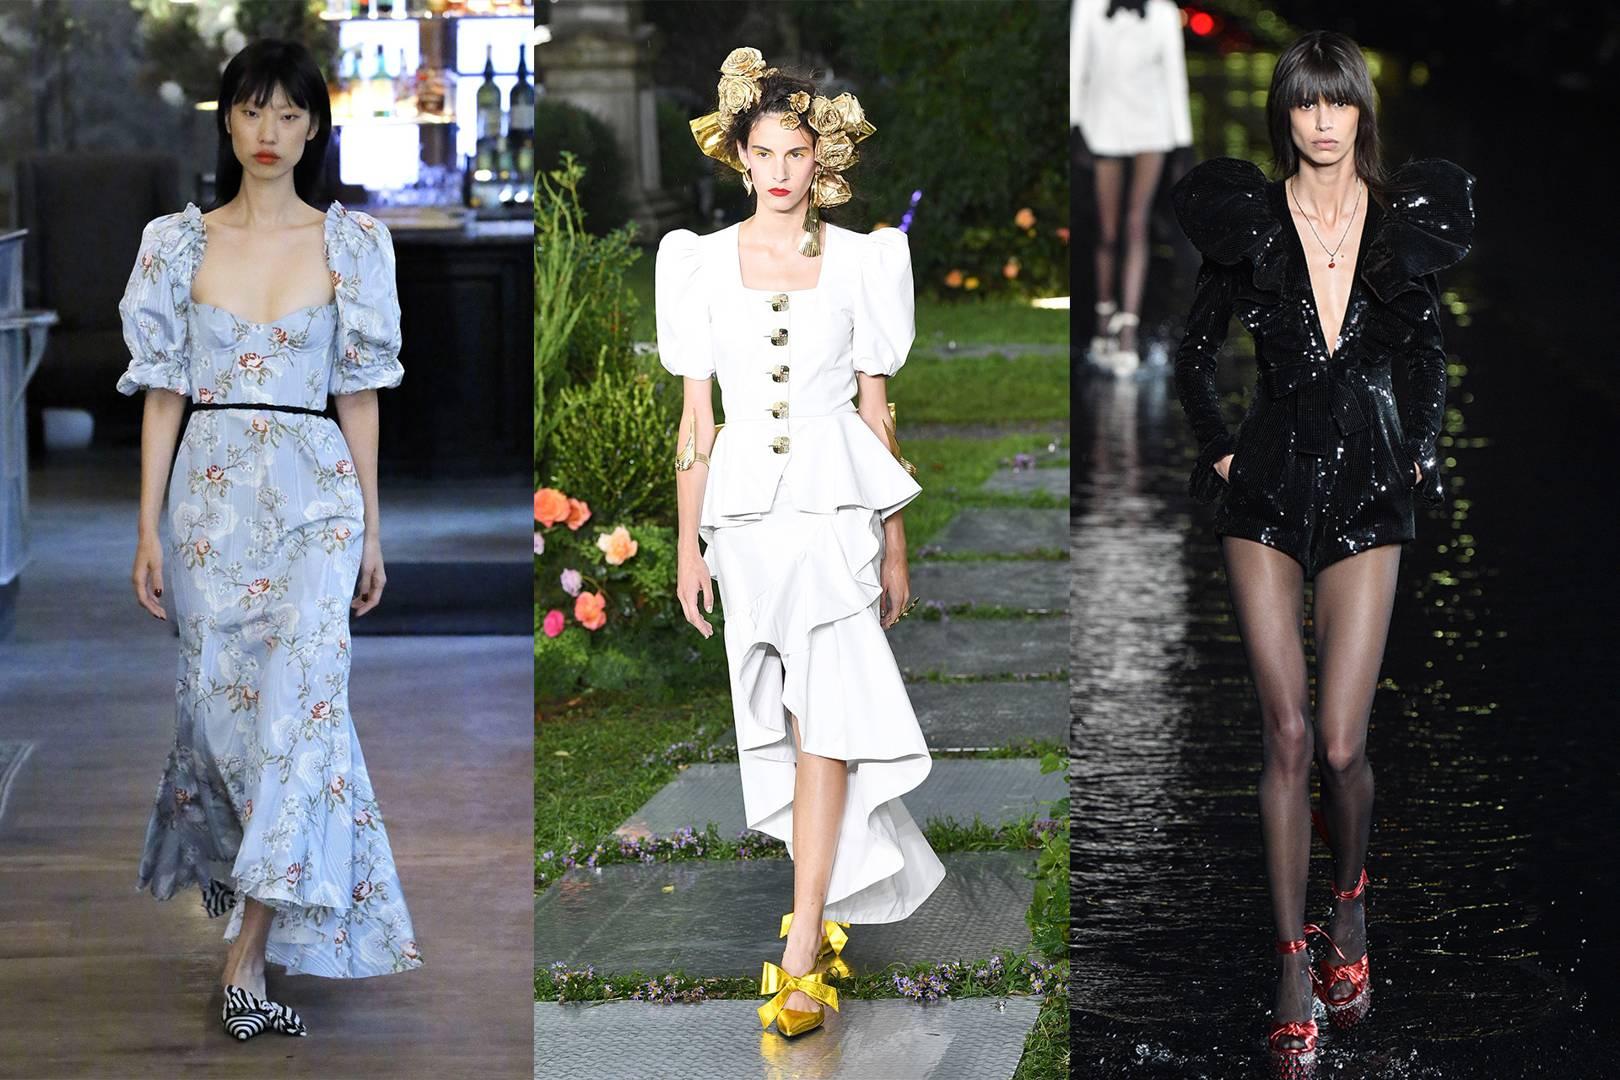 xu hướng thời trang 2019 13